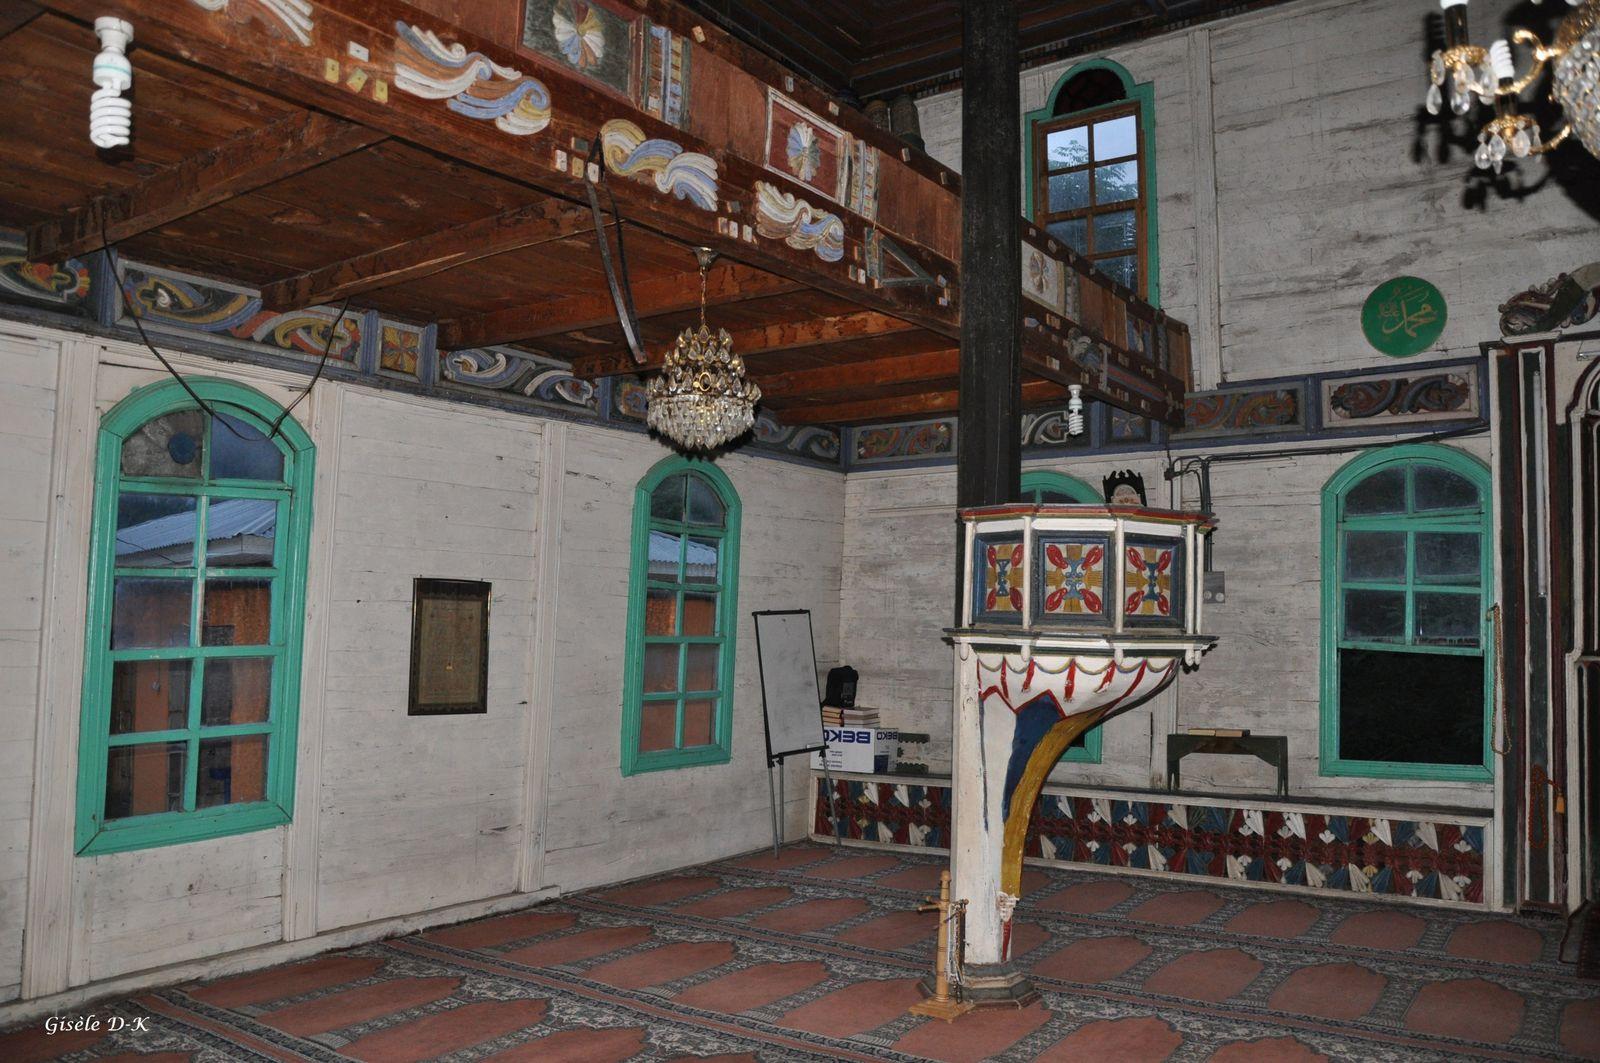 La mosquée de Camili, toute en bois, est célèbre pour ses bois peints.